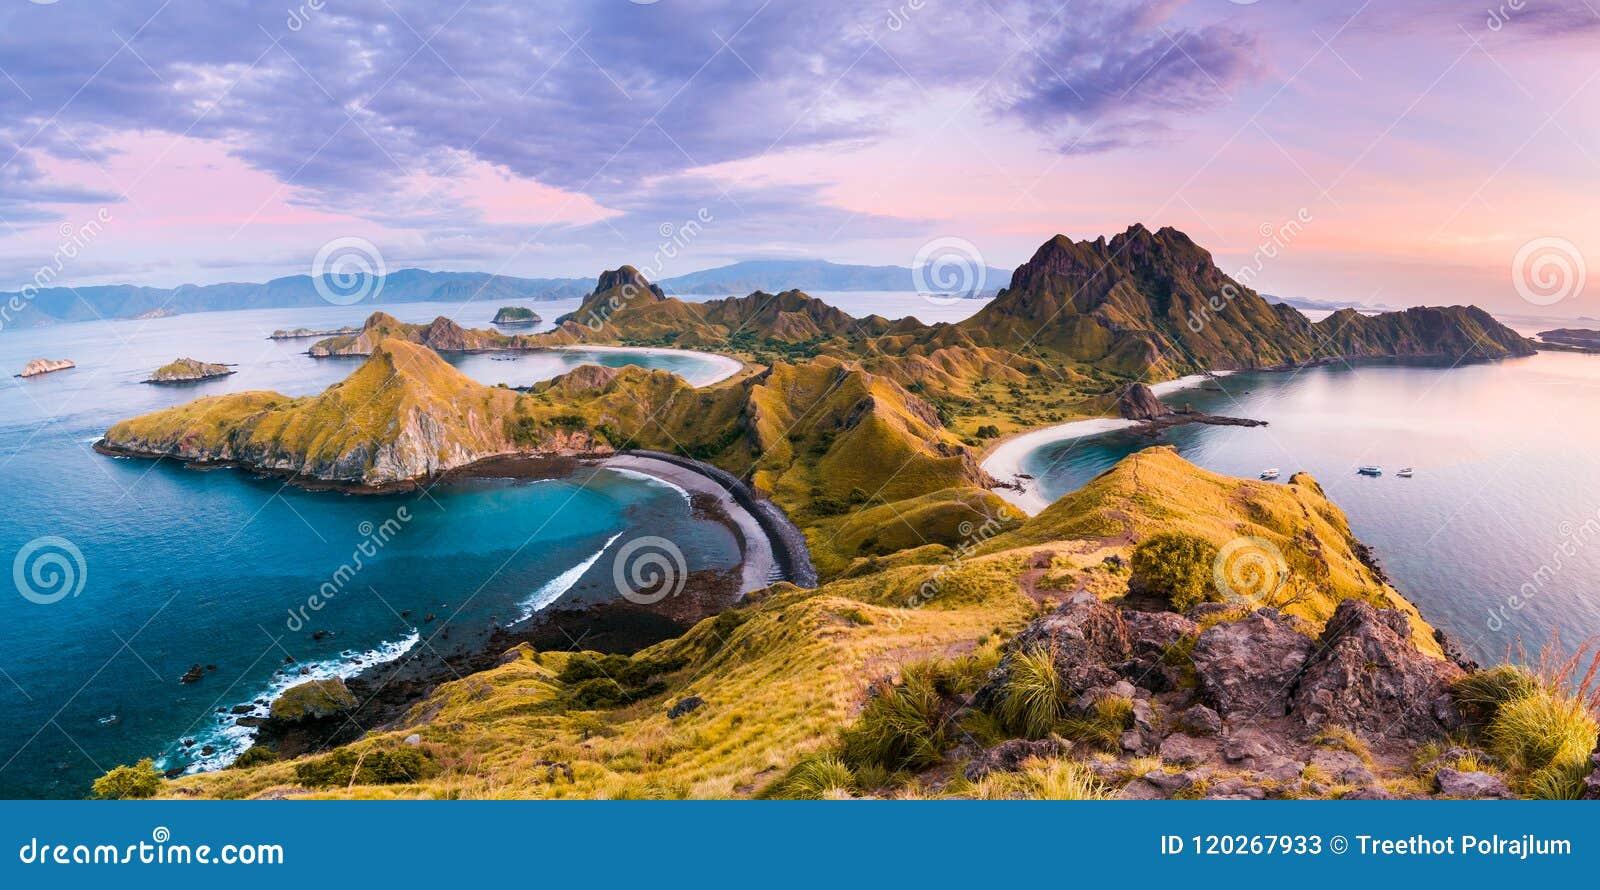 Fahren Sie Ansicht von Padar-Insel an einem bewölkten Morgen die Küste entlang